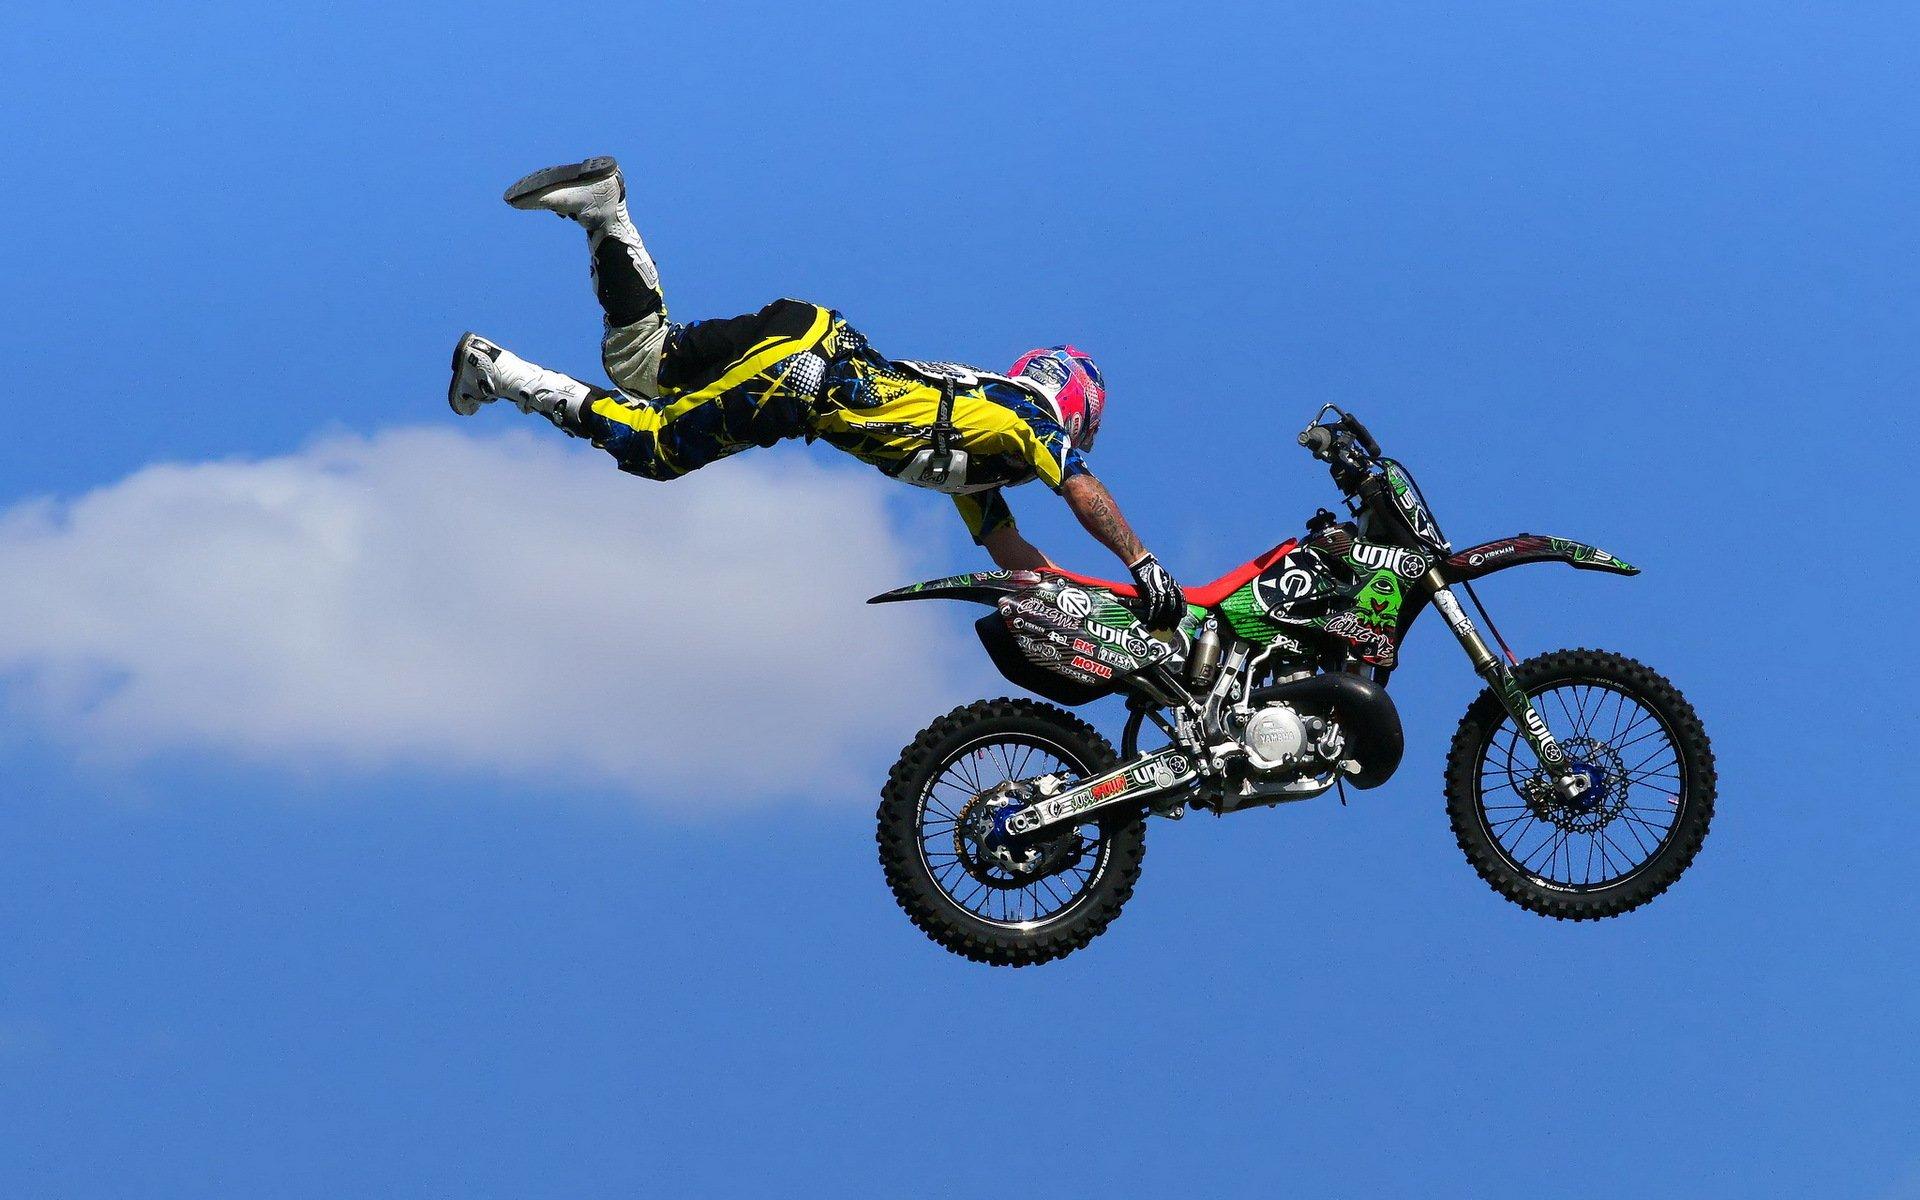 Мотоцикл для трюков картинки